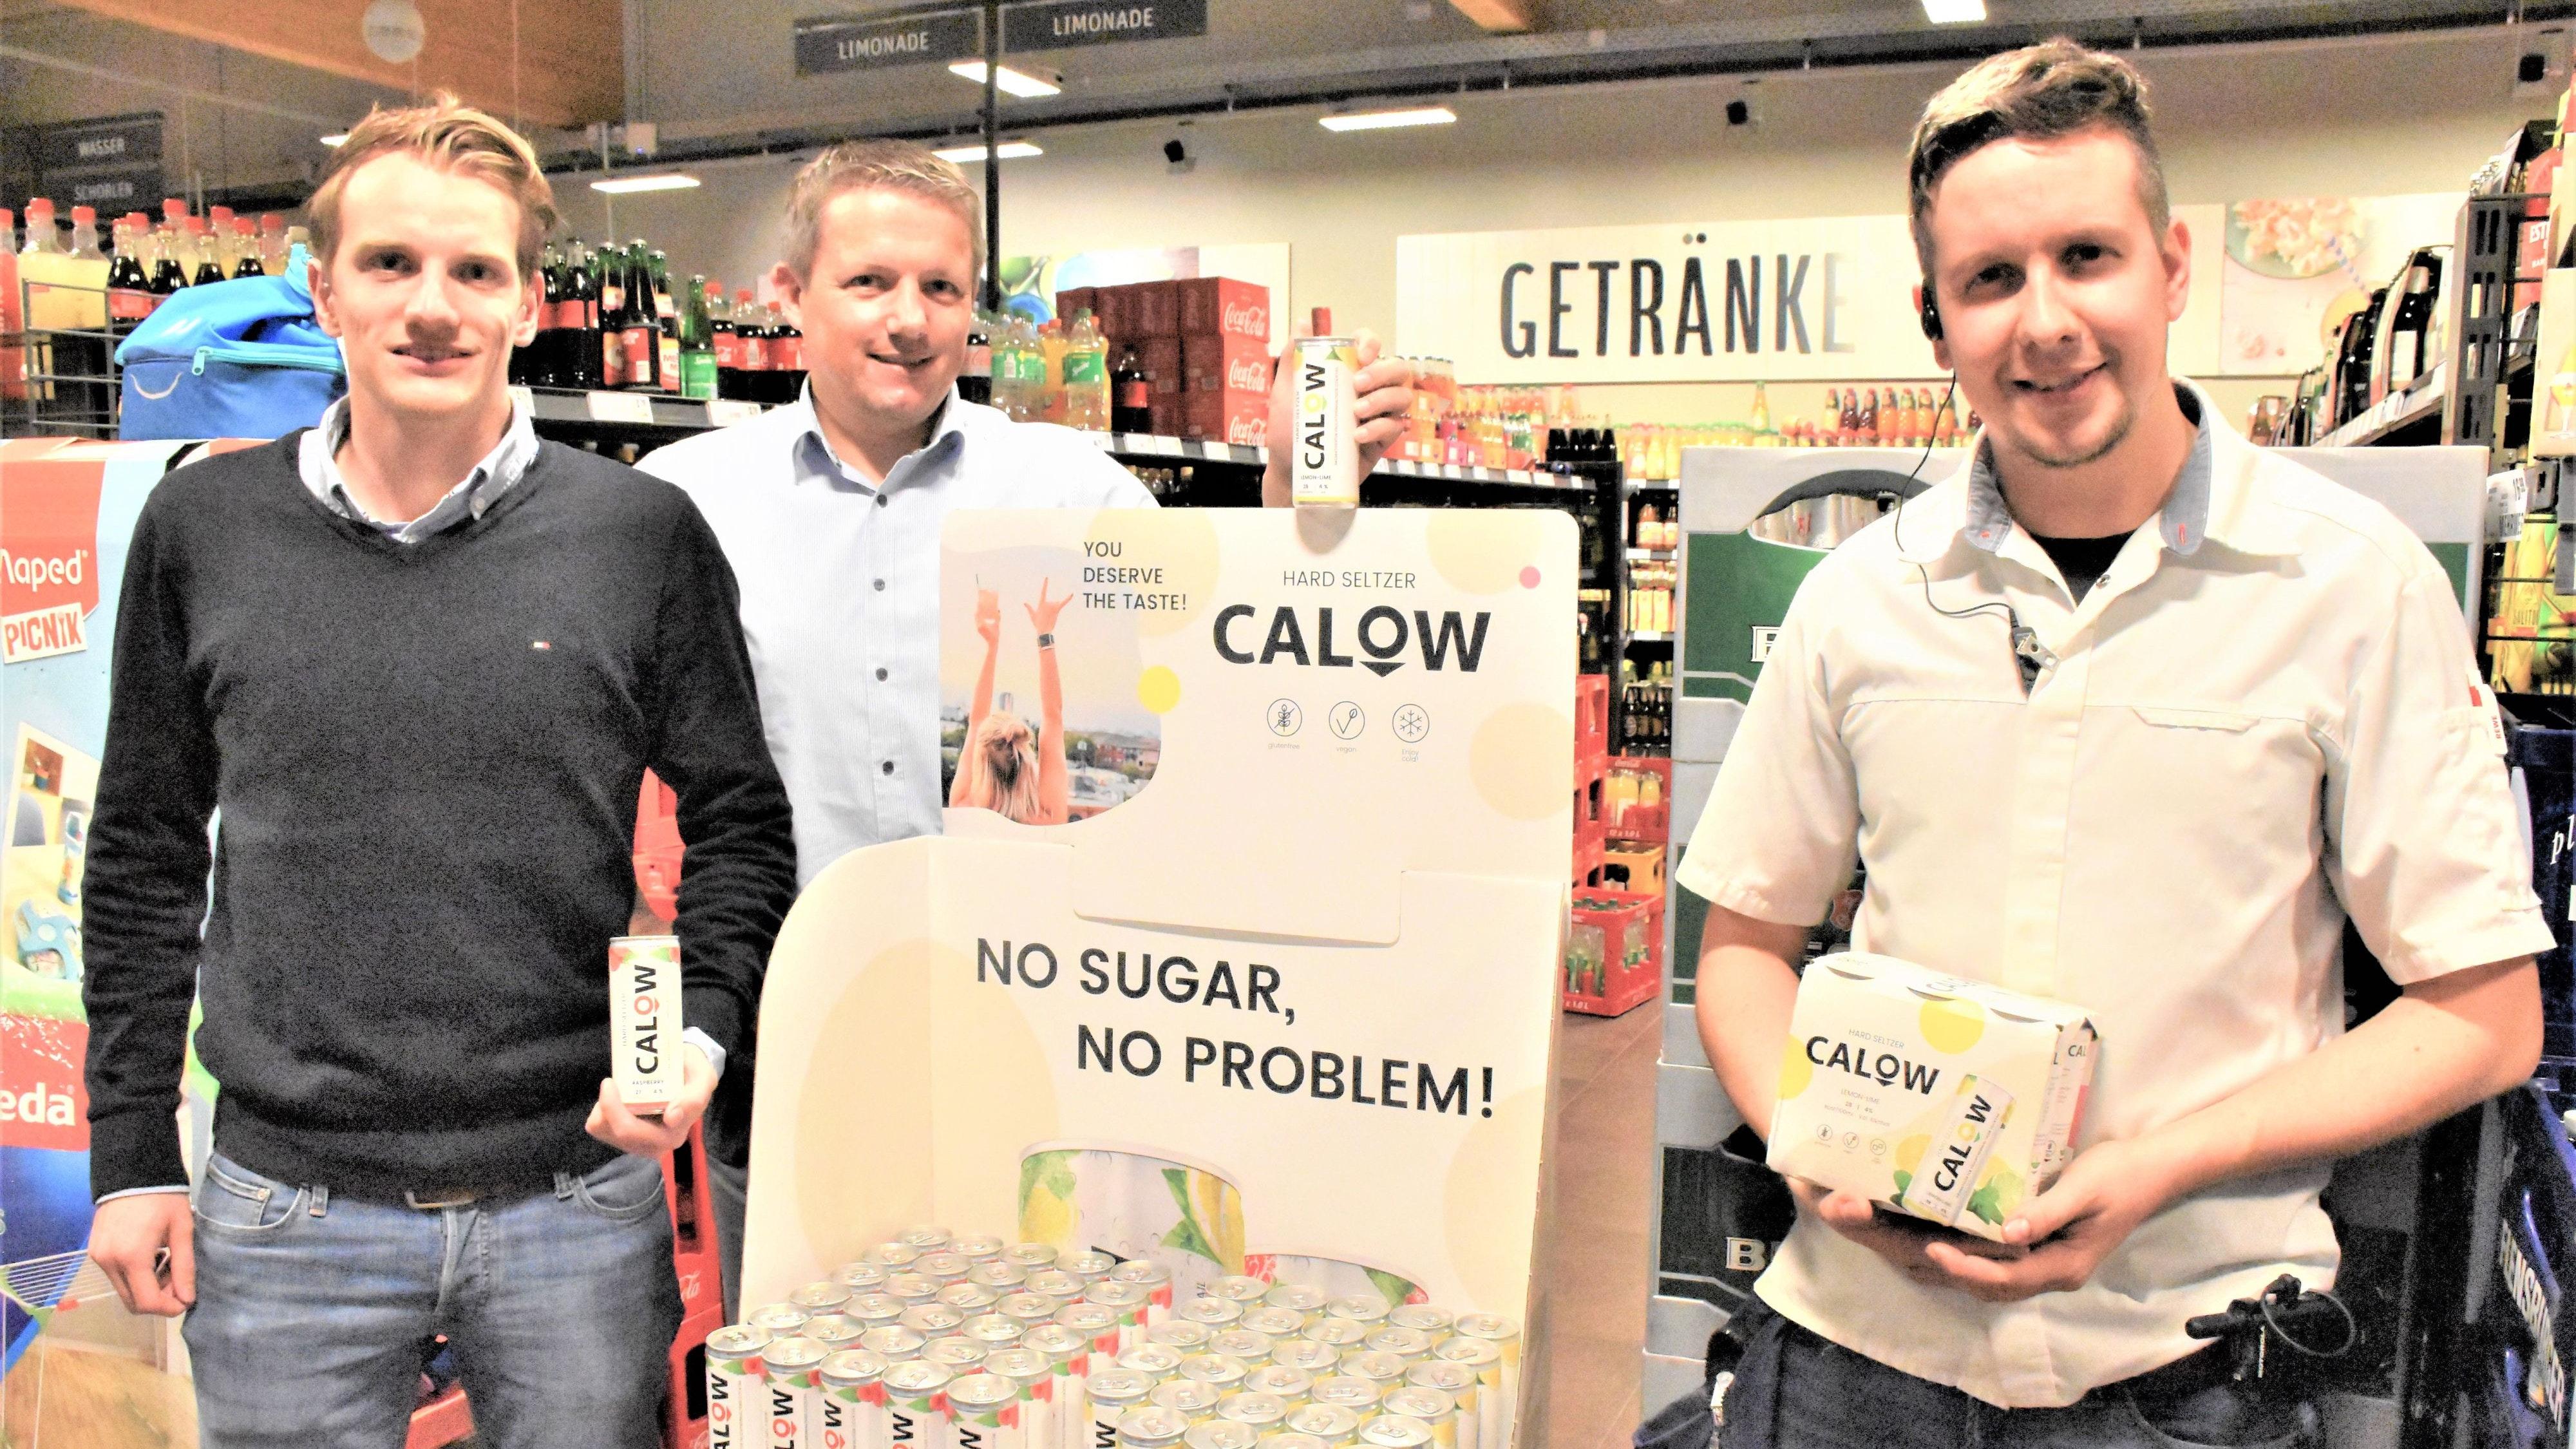 """Im Rewe-Markt in Vechta-Oythe: Benno Orschulik und Markus Diekmann sowie Marktleiter Pierre Kitscha (von links) präsentieren """"Calow Hard Seltzer"""".  Foto: Kühn"""